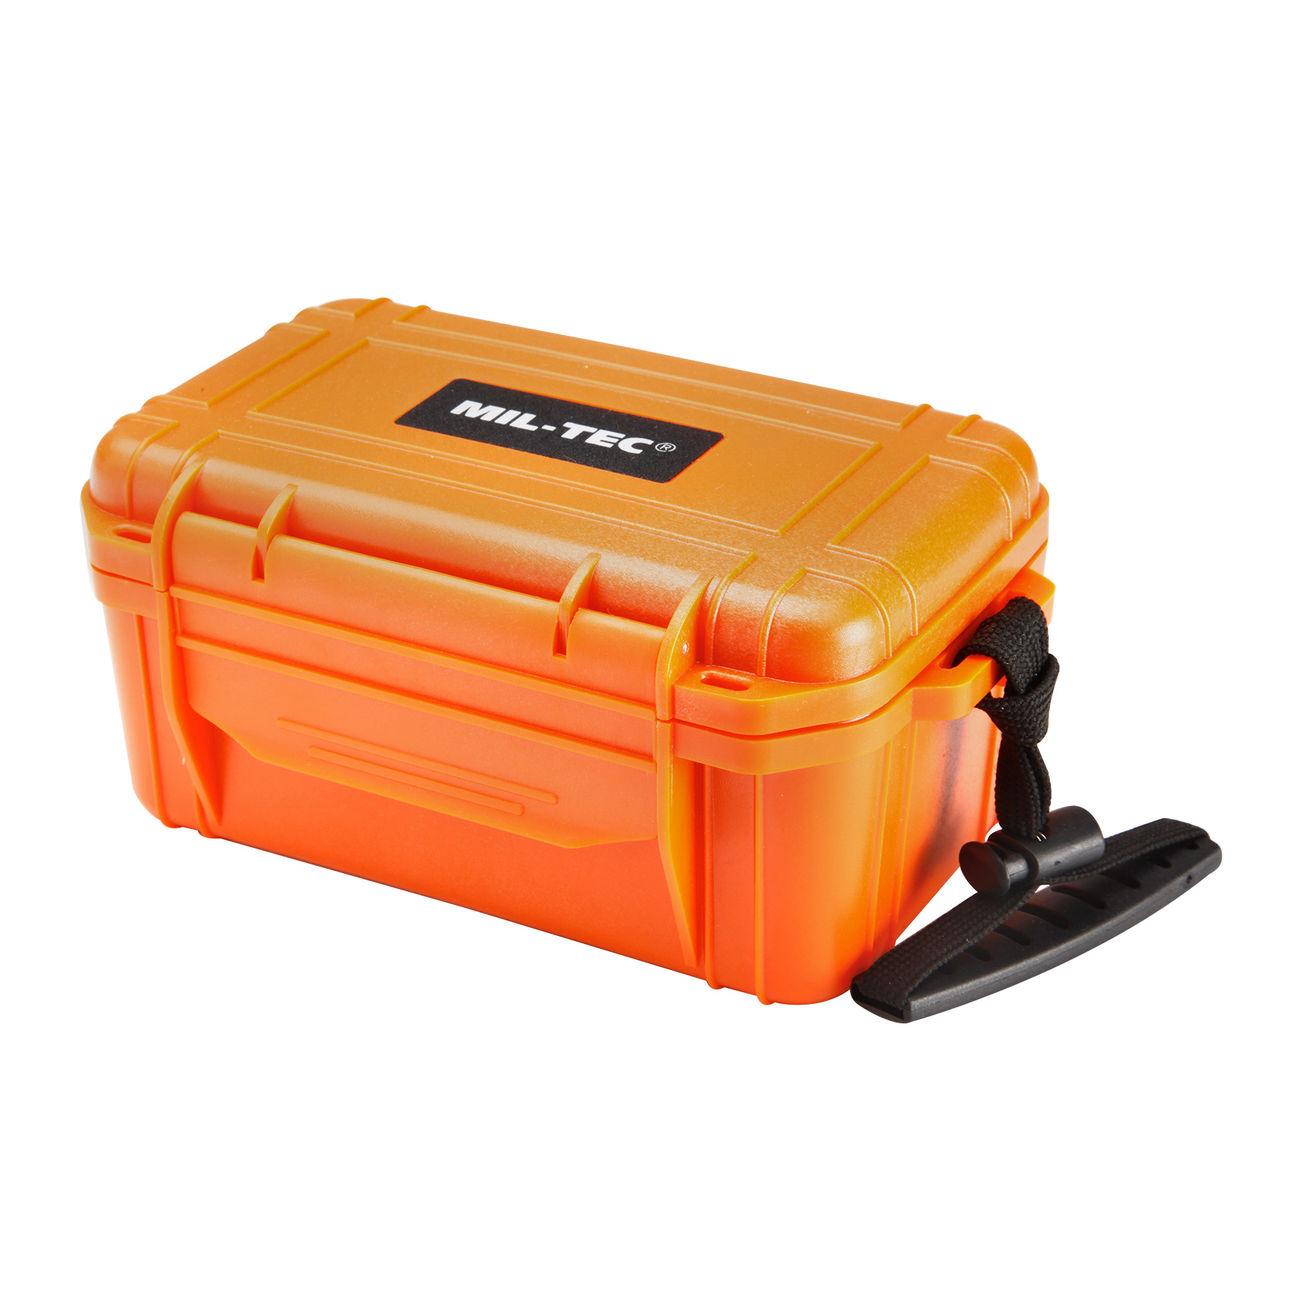 mil tec erste hilfe box camping first aid kit wasserdicht orange kotte zeller. Black Bedroom Furniture Sets. Home Design Ideas